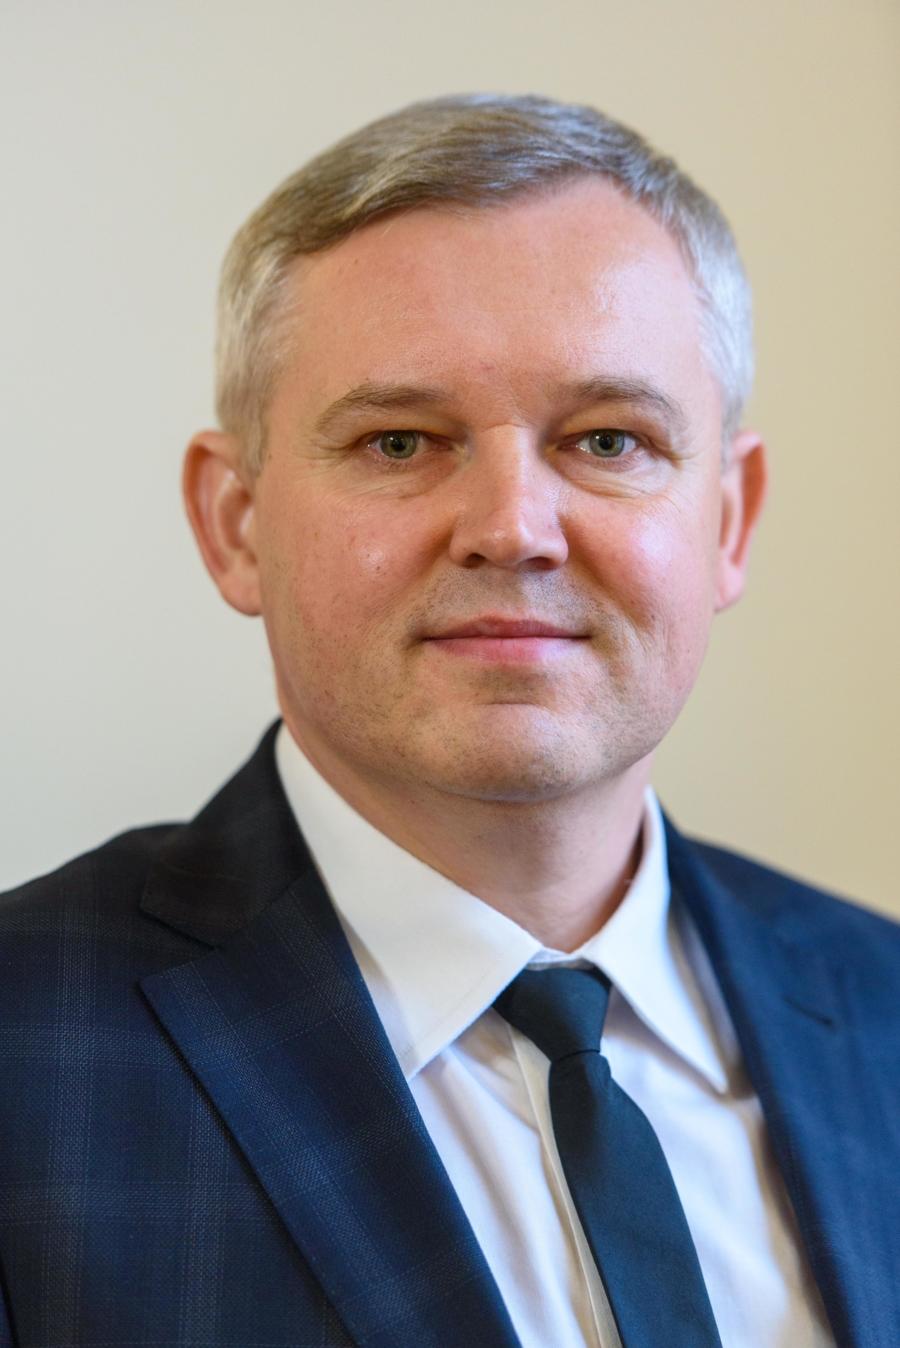 Zbigniew Kajpusjpg